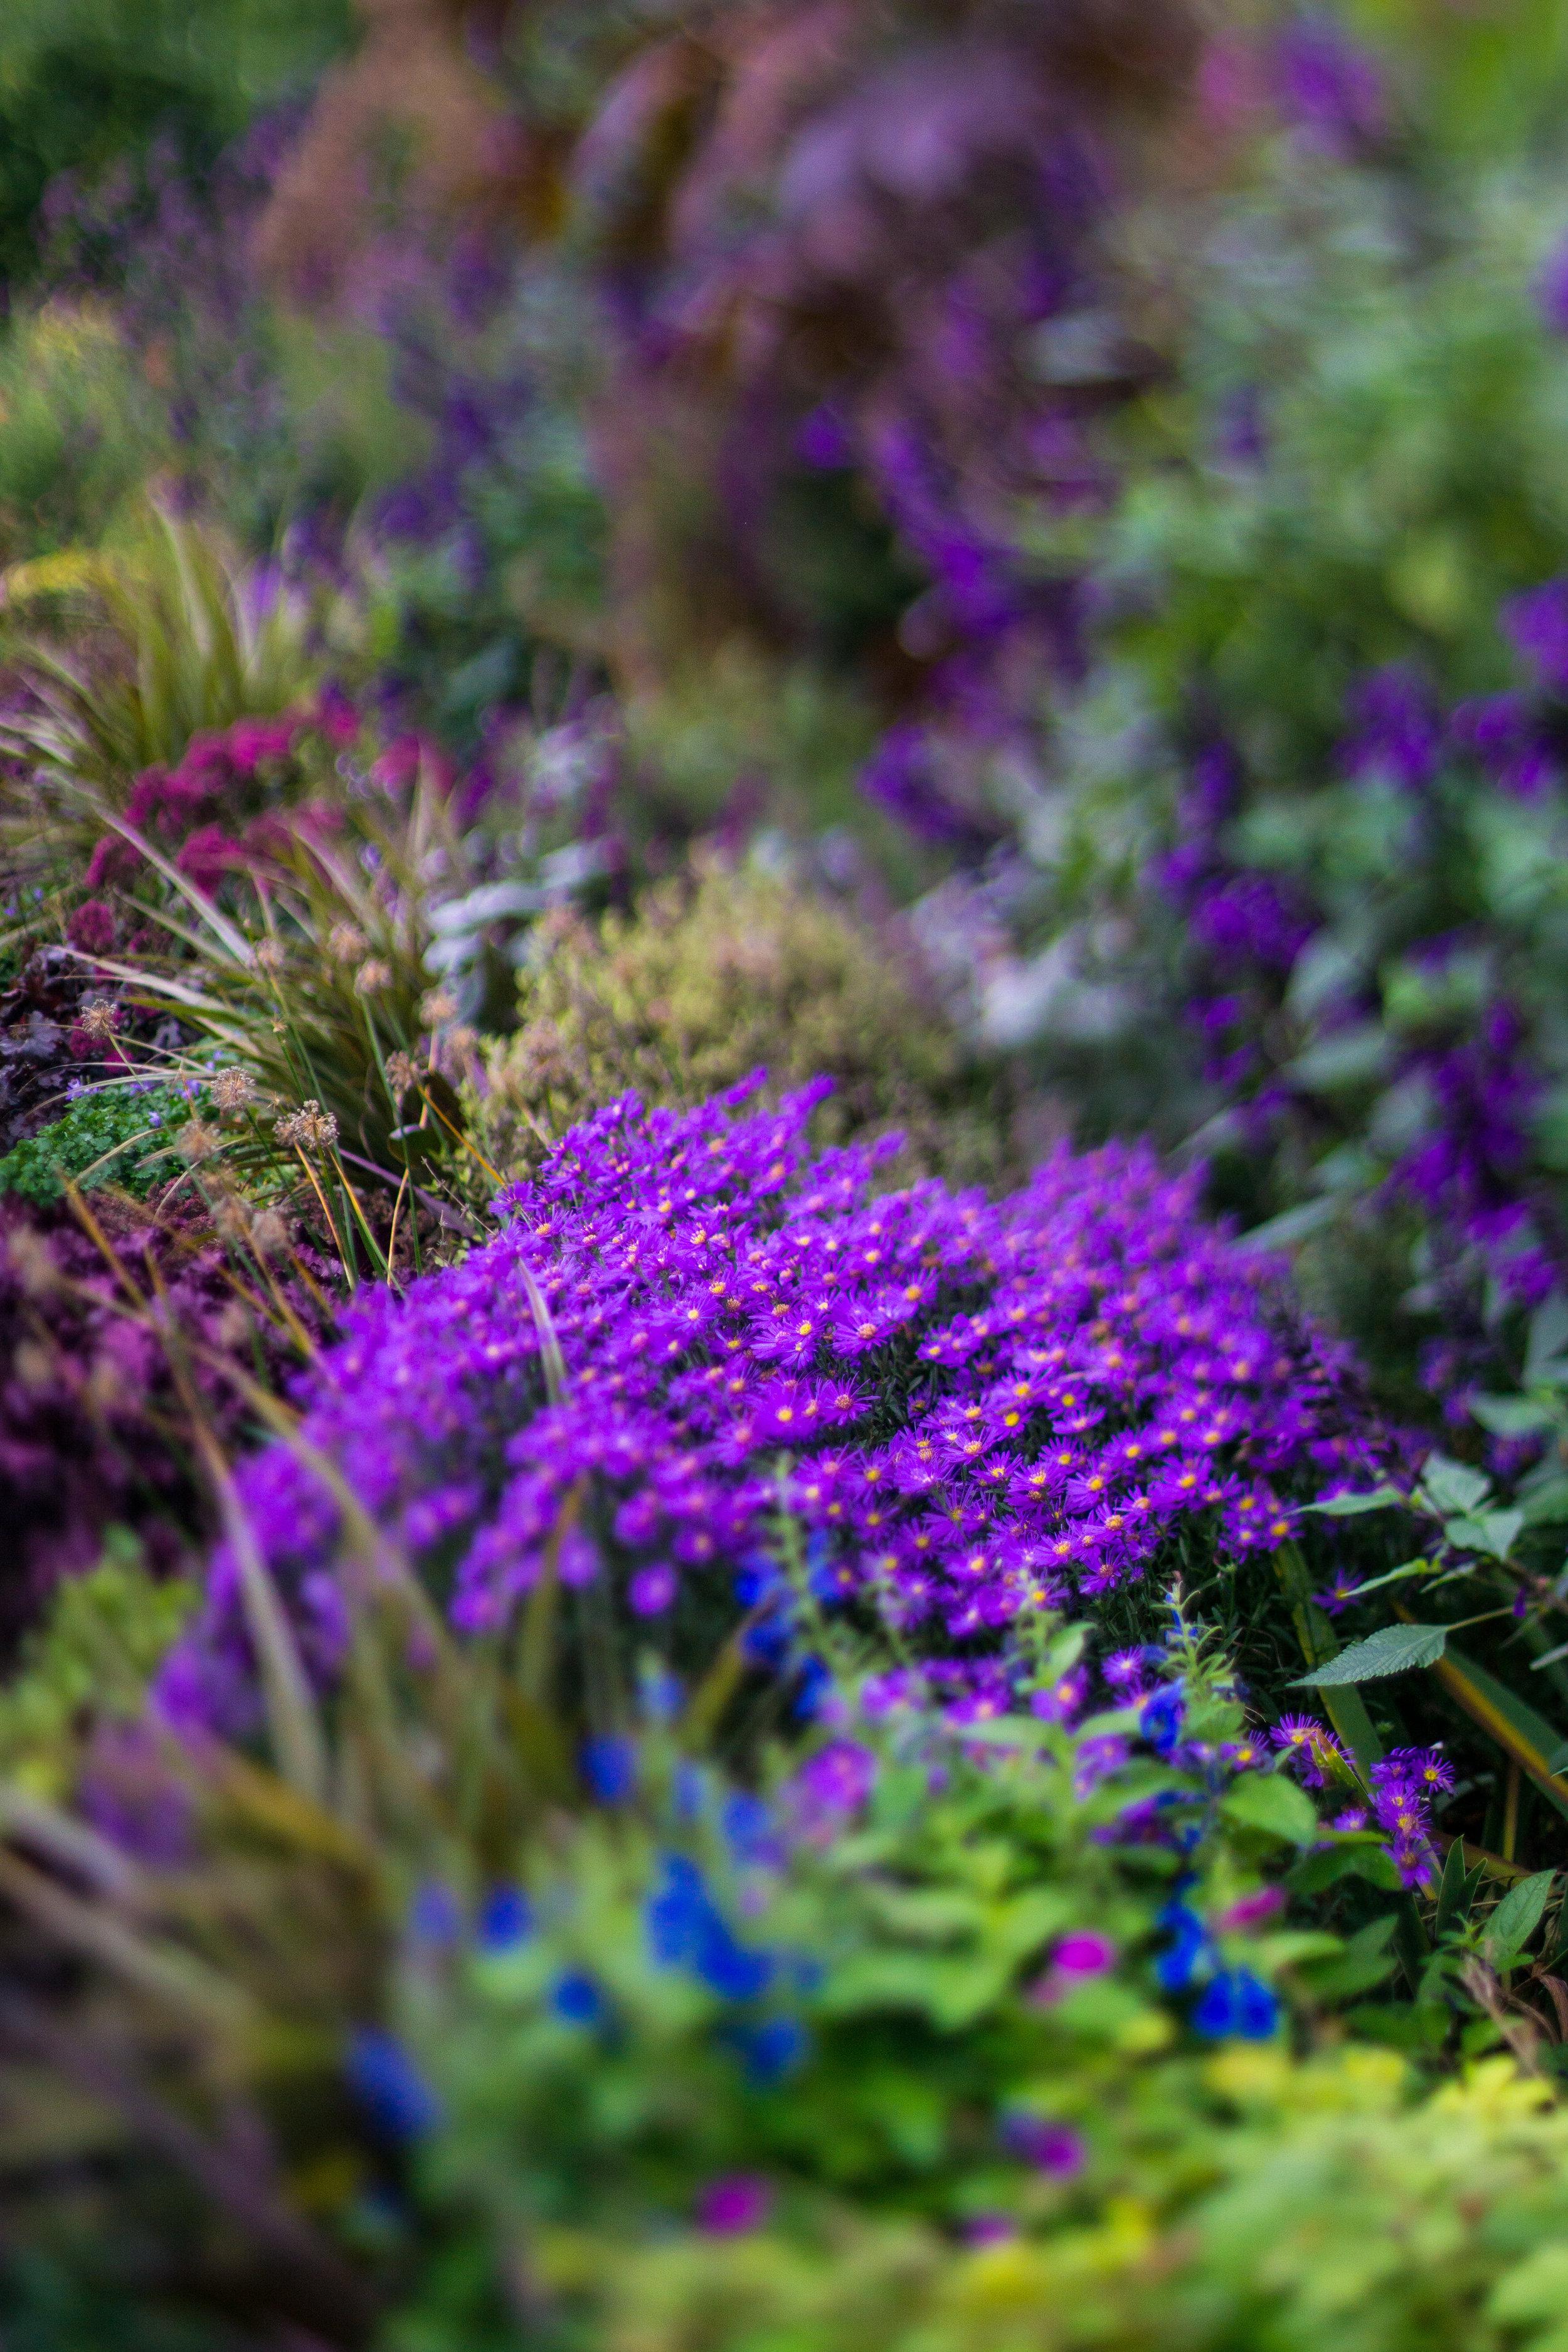 purple-flower-london-regents-park-autumn-01